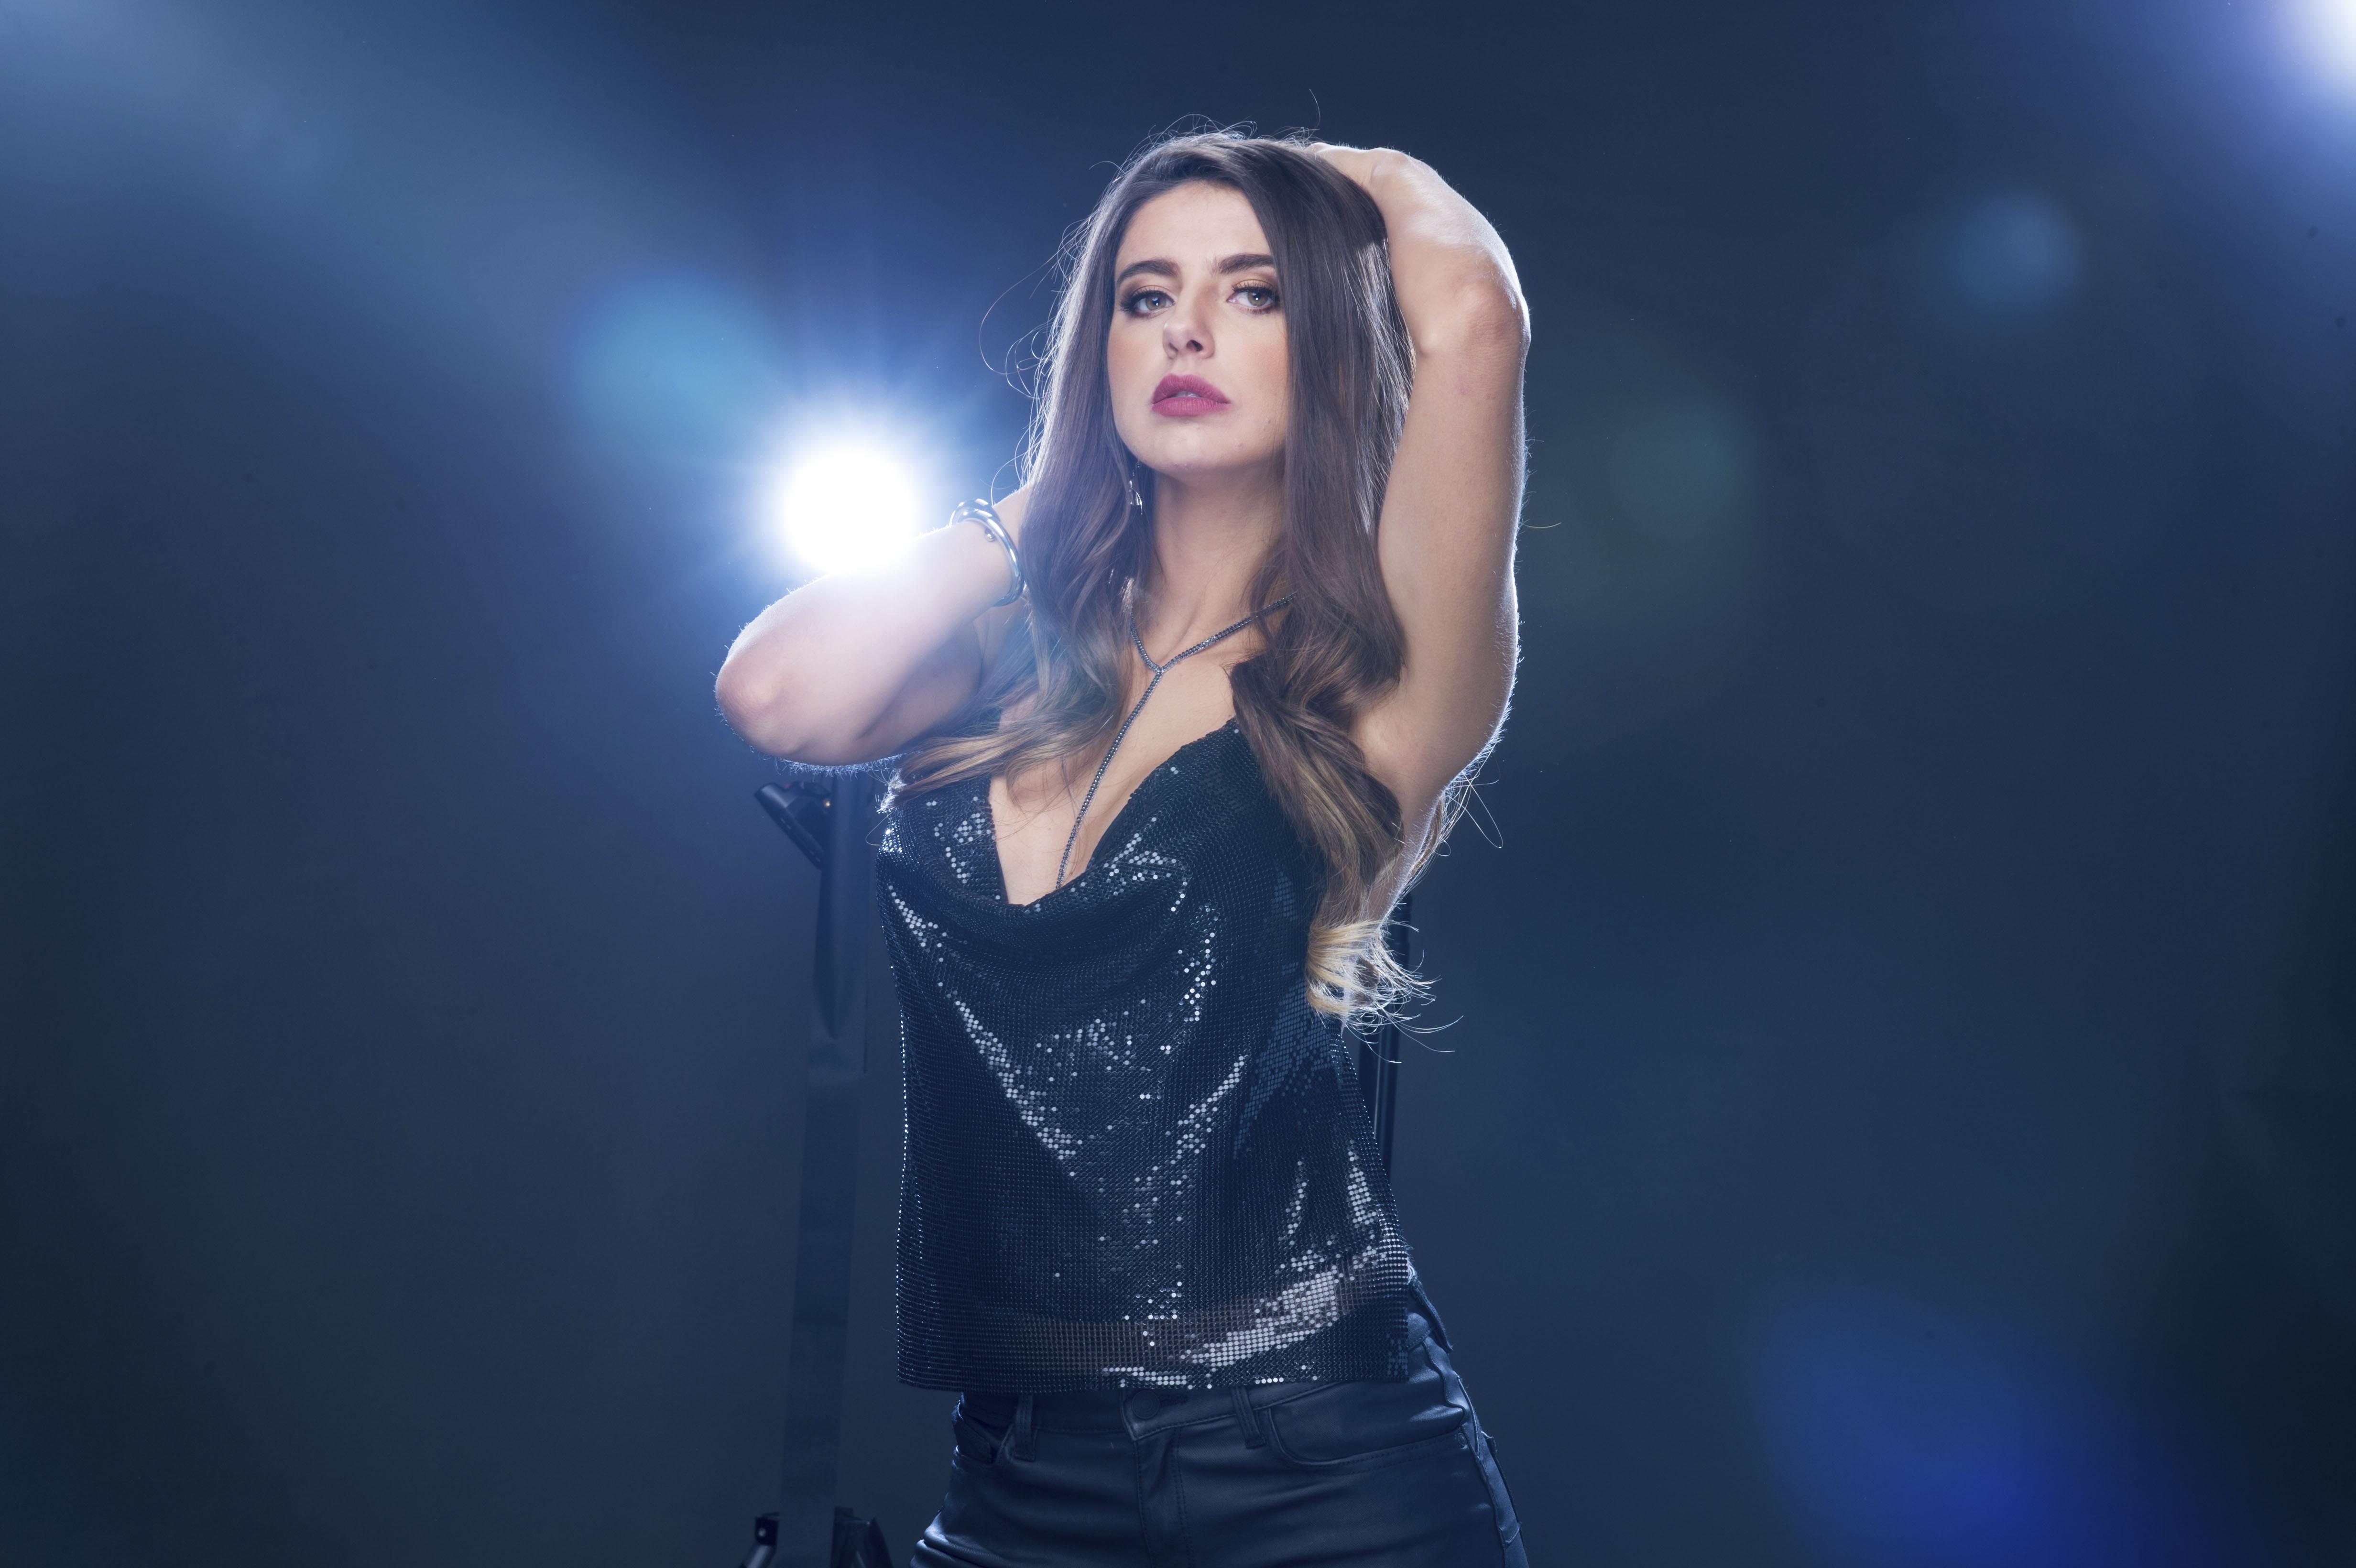 La Reina Soy Yo - La Lista - 2 - June/July 2019